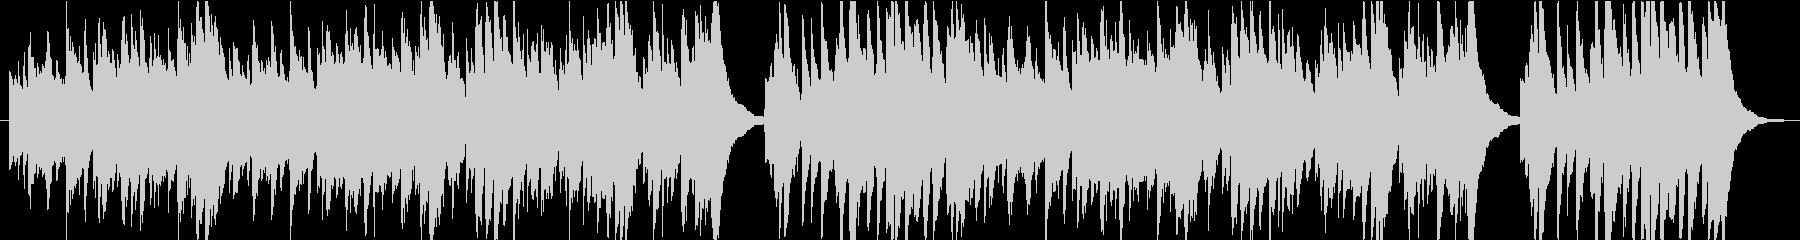 穏やかで少し切ないハープソロの未再生の波形